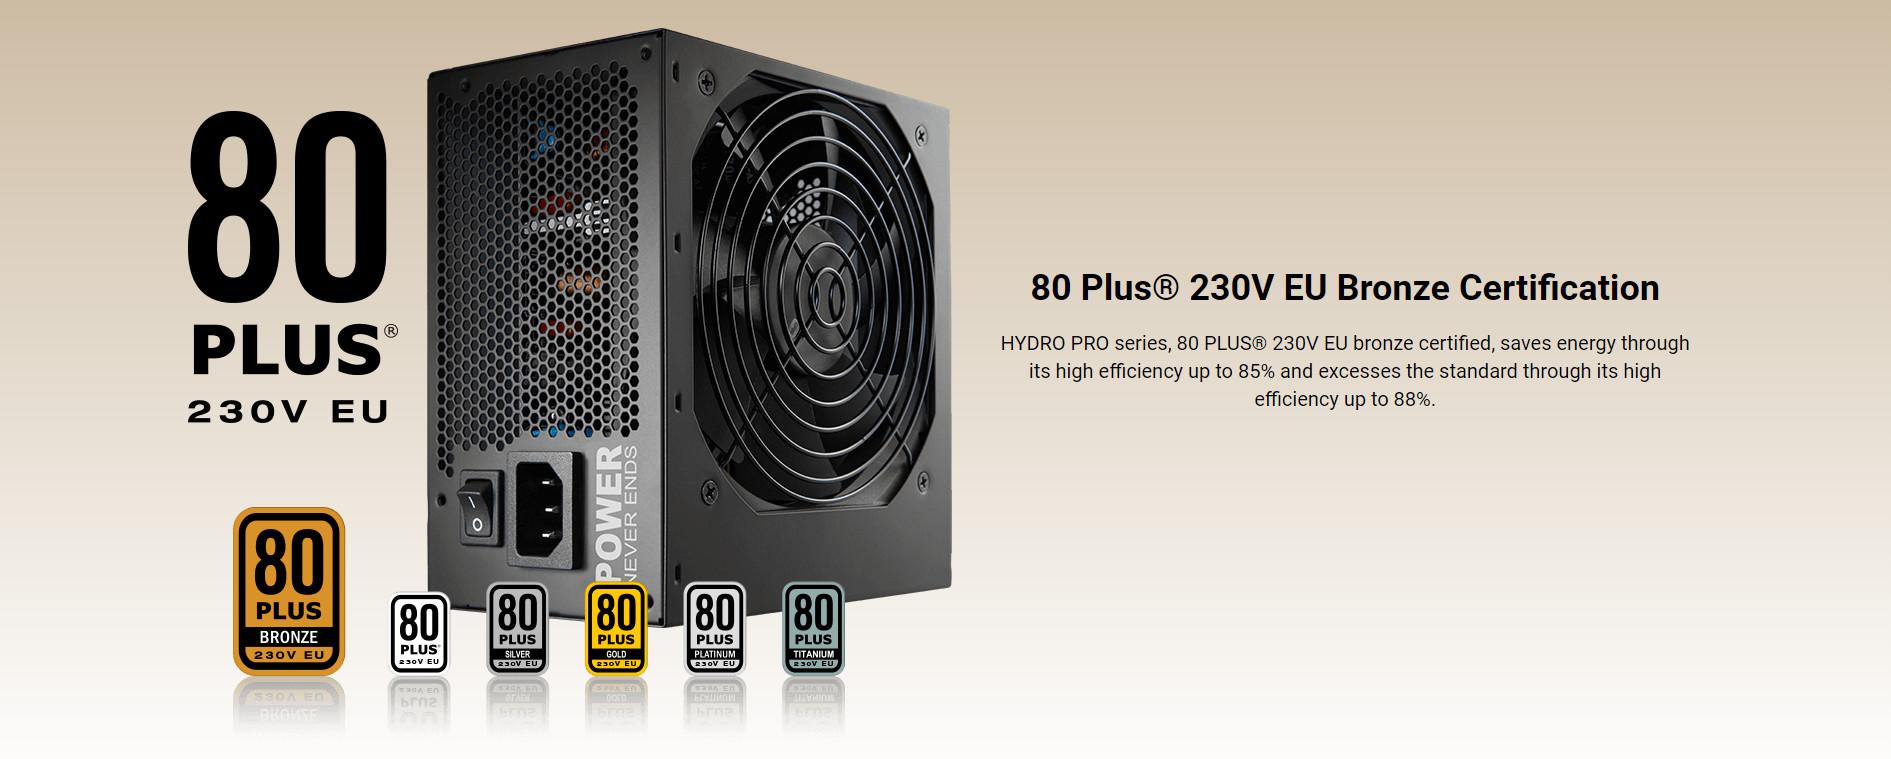 Nguồn FSP HYDRO PRO Series HP2-700  PPA7004304 (80 Plus Bronze/Màu Đen) giới thiệu 2